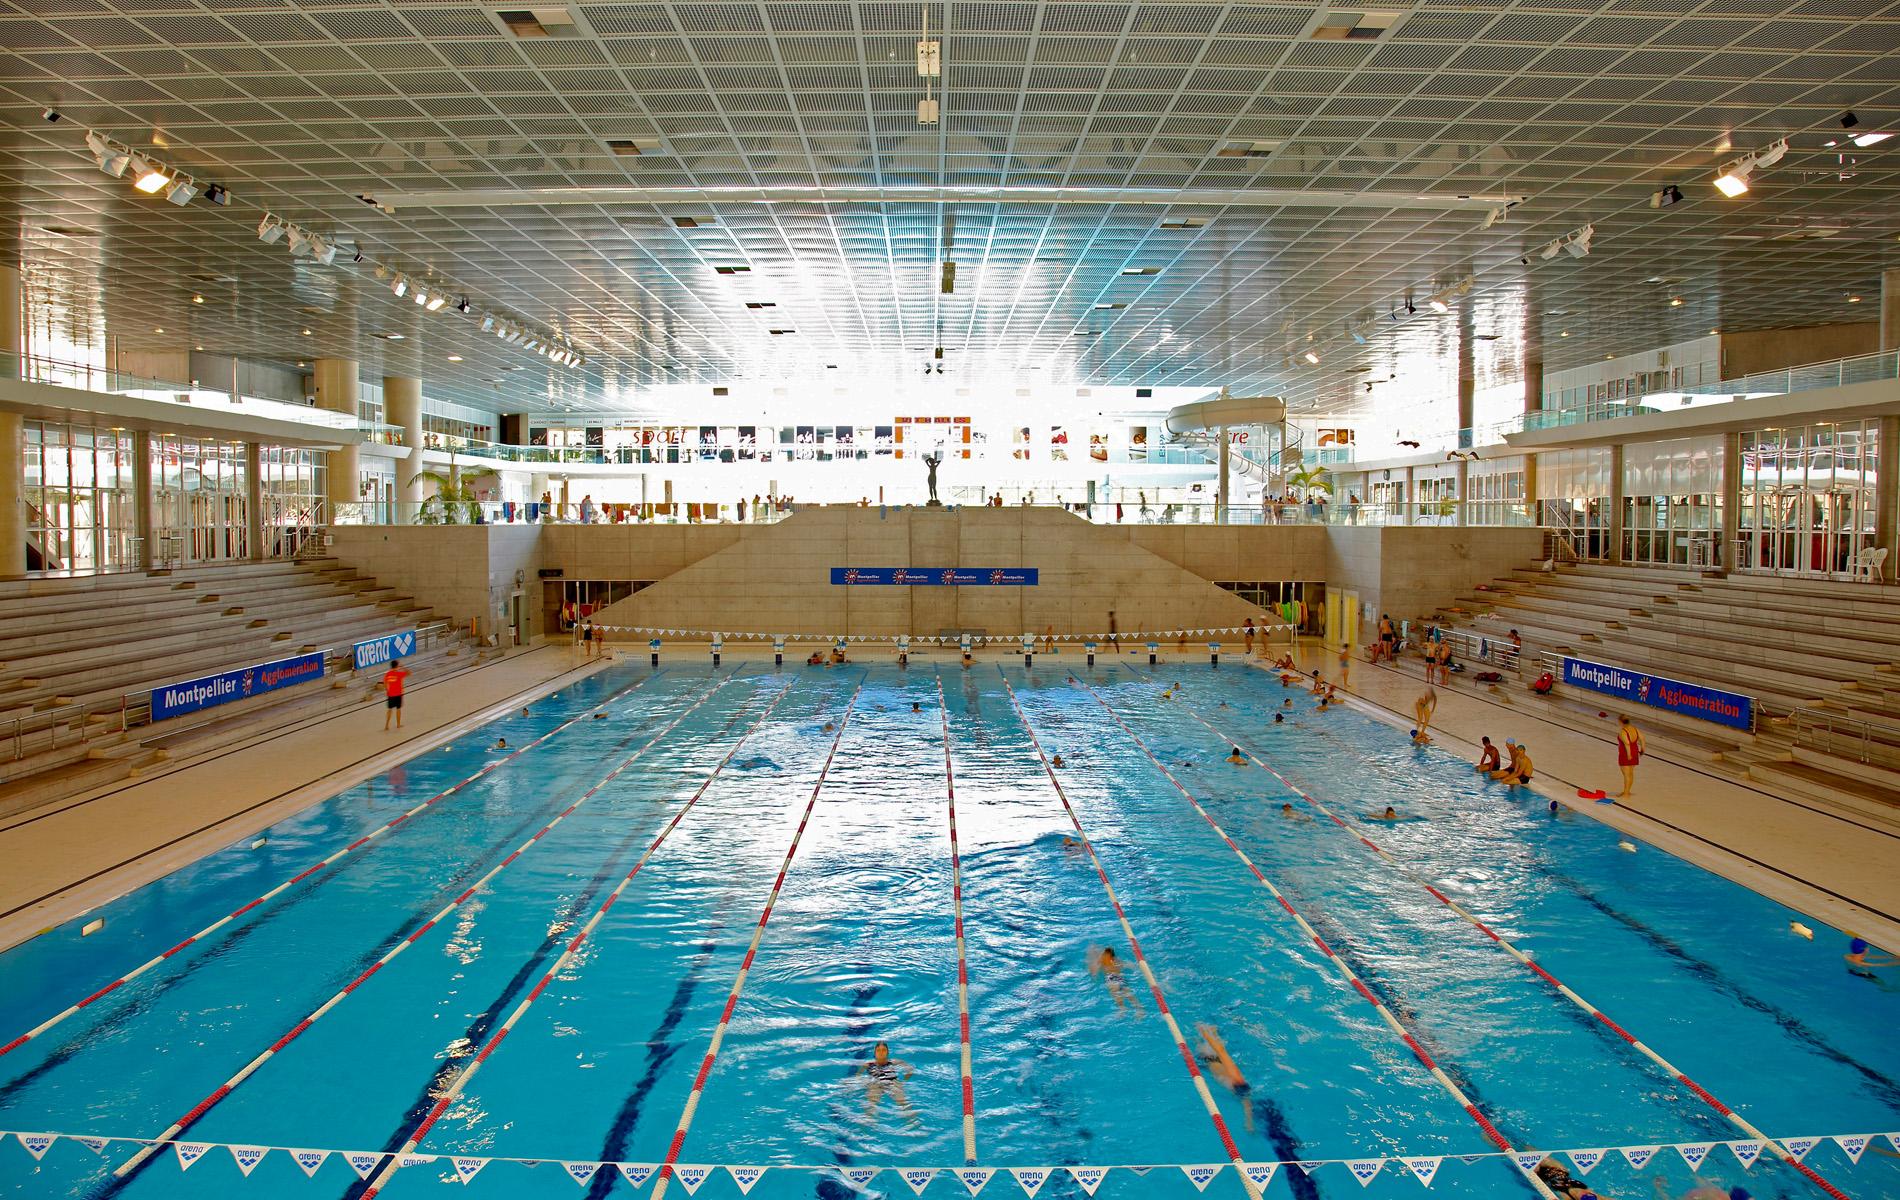 Olympic Swimming Pool Wallpaper Wallpapersafari